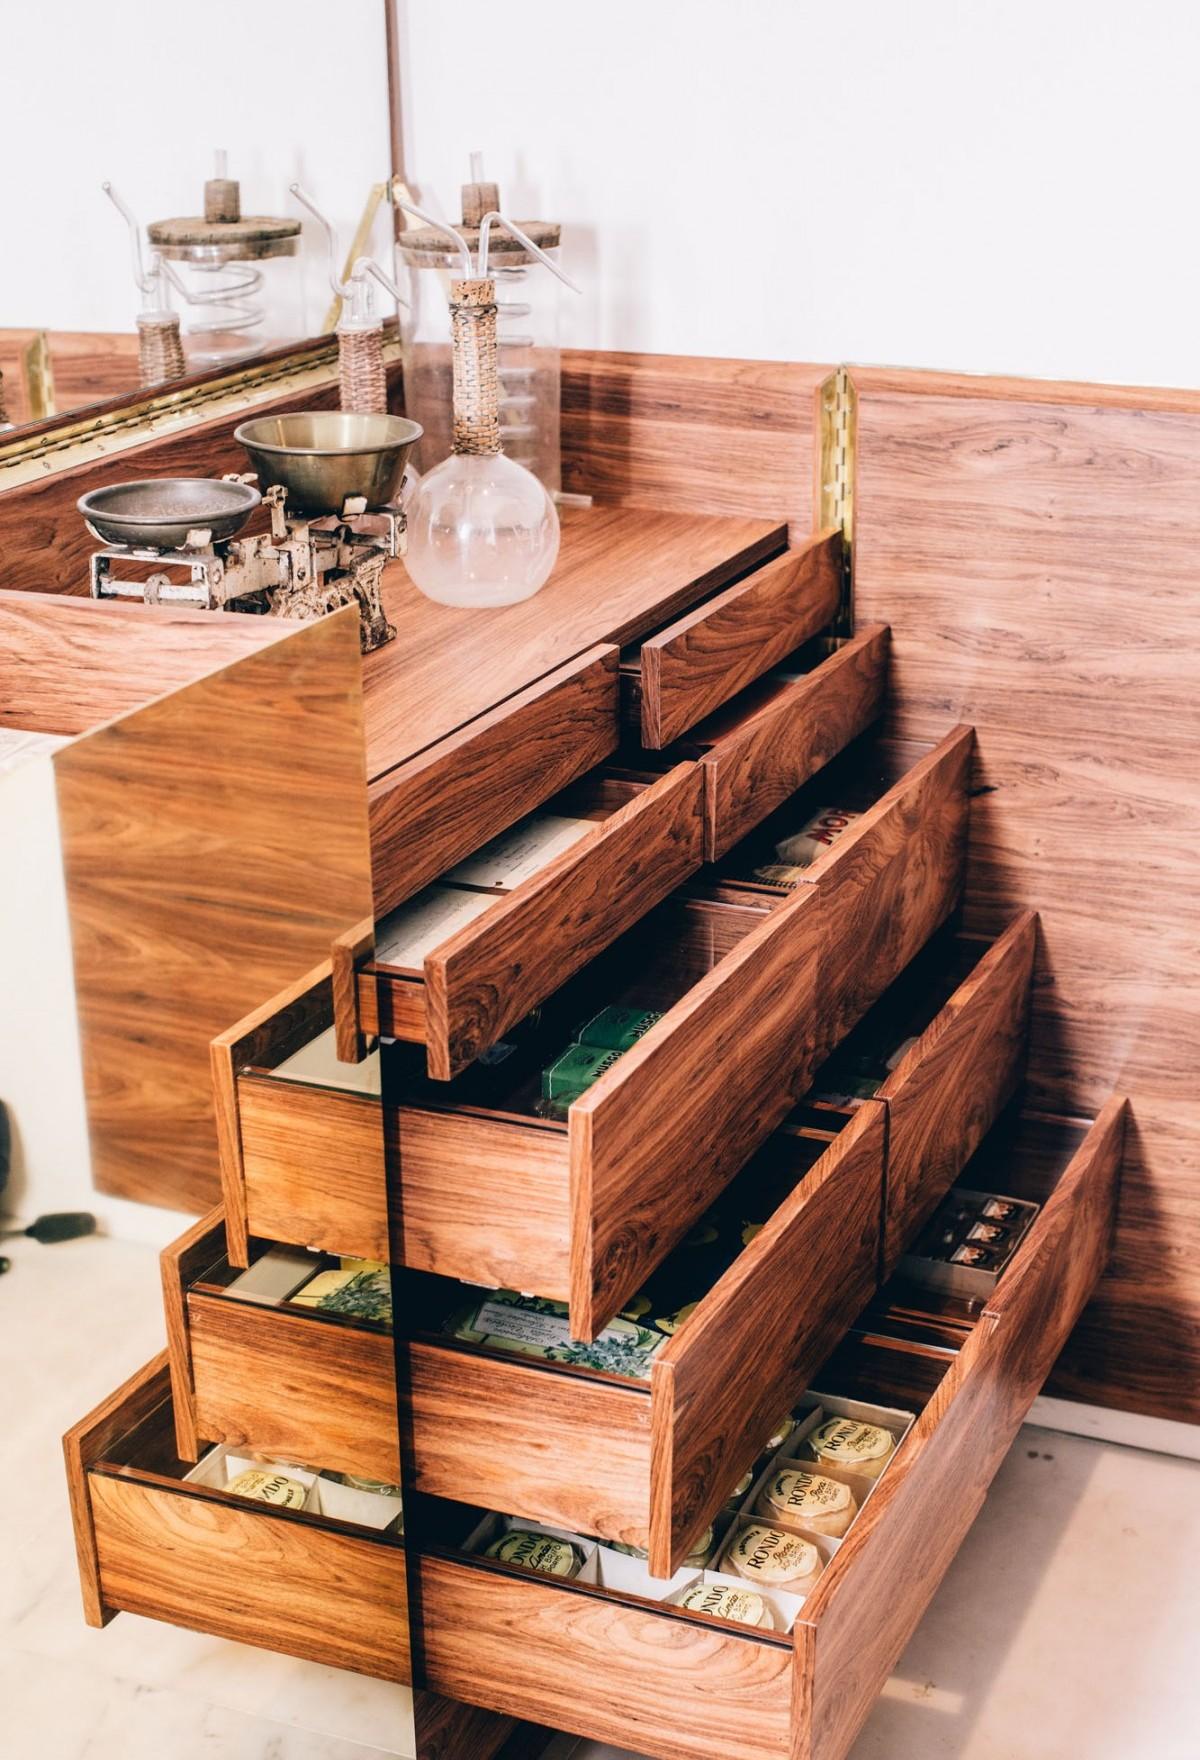 Studio Astolfi Portuguese Interior Design at MO 2019 - Claus Porto Maison et Objet 2019 Studio Astolfi: Portuguese Interior Design at Maison et Objet 2019 Studio Astolfi Portuguese Interior Design at MO 2019 Claus Porto